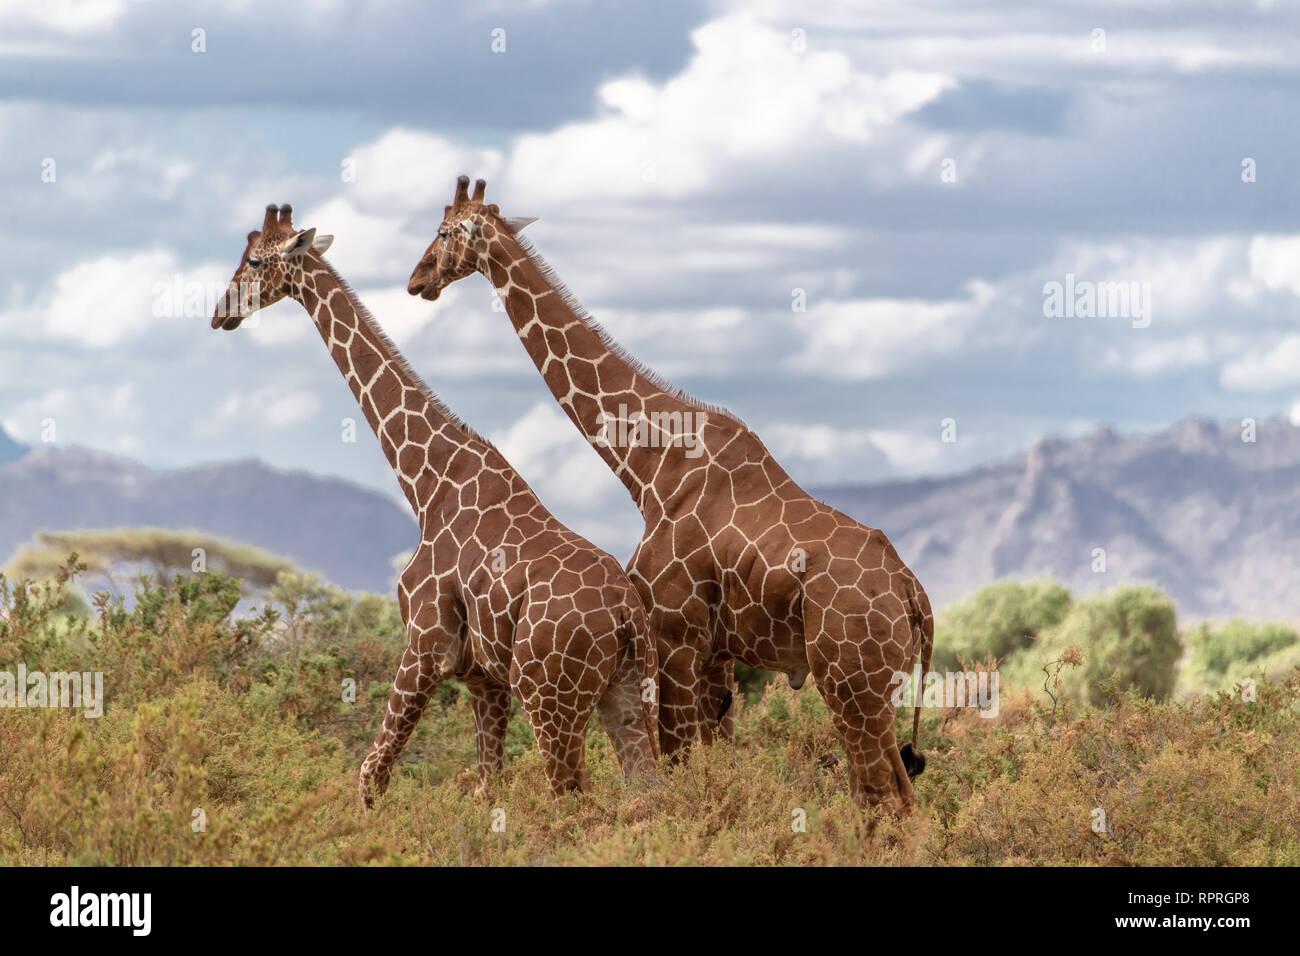 Due giraffe reticolate (Giraffa camelopardalis reticulata) indagine tardo pomeriggio di scena in Kenya, Africa. Essi sono considerati a rischio di estinzione. Foto Stock